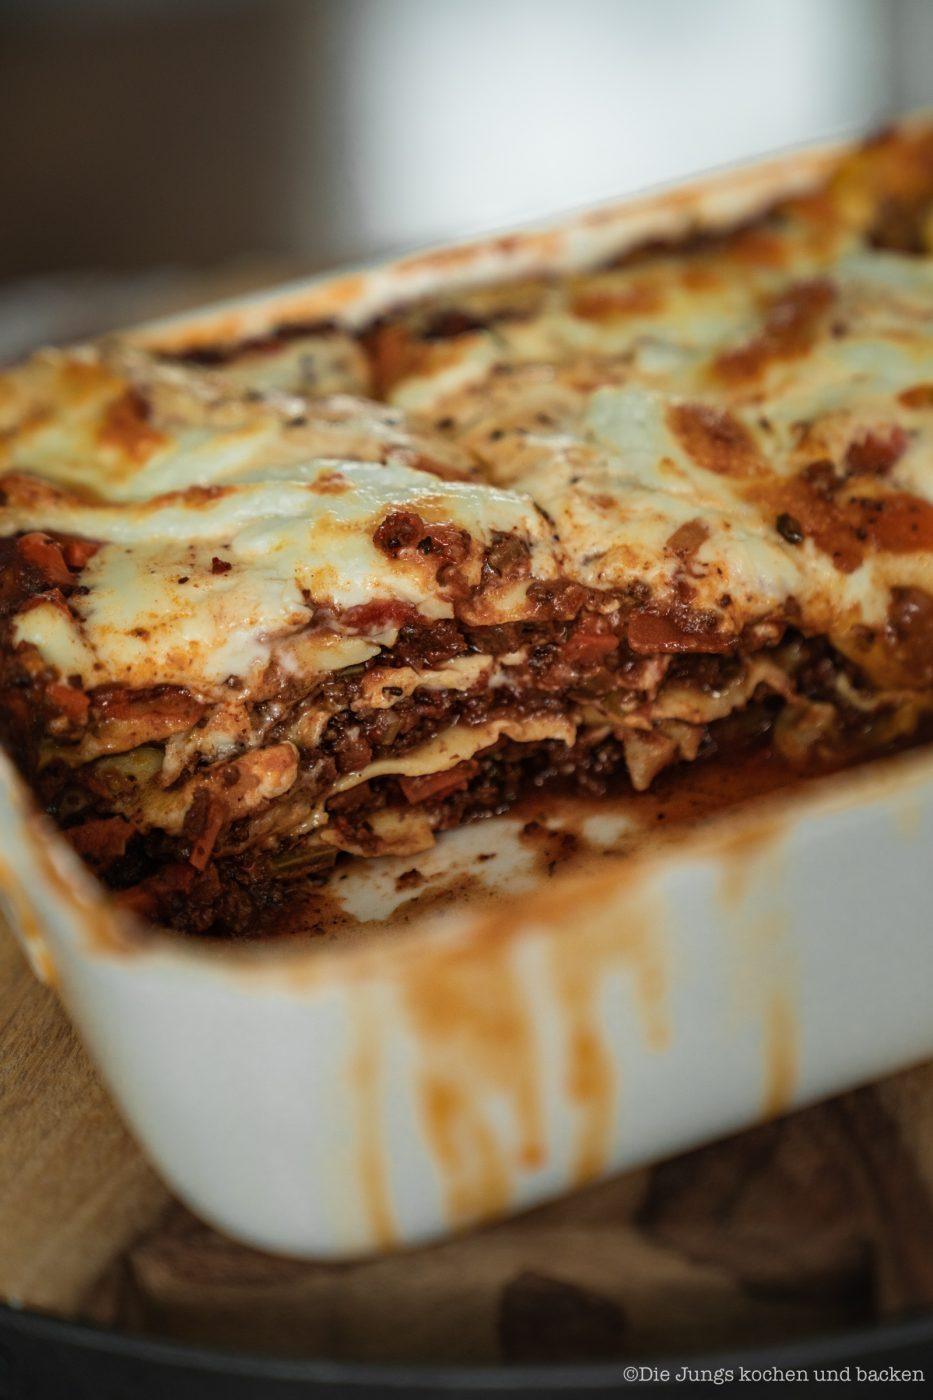 Lasagne al forno 18 | Nachdem wir jetzt in der vergangenen Woche selber Mehl gemahlen, Pastateig selber zu bereitet und natürlich auch damit Nudeln hergestellt haben, ist es wirklich Zeit dafür, unser uraltes Rezept für eine Lasagne al forno einmal ein wenig zu überholen. Da passte es doch perfekt, dass wir dringend ein wenig Comfort-Food brauchten, also Essen, bei dem es einem einfach gut gehen muss. Das Rezept stammt aus unseren Kinderschuhen aus dem Jahr 2013. Keine Sorge. Das Rezept war damals schon Klasse und wir haben es auch bis heute nicht verändert.